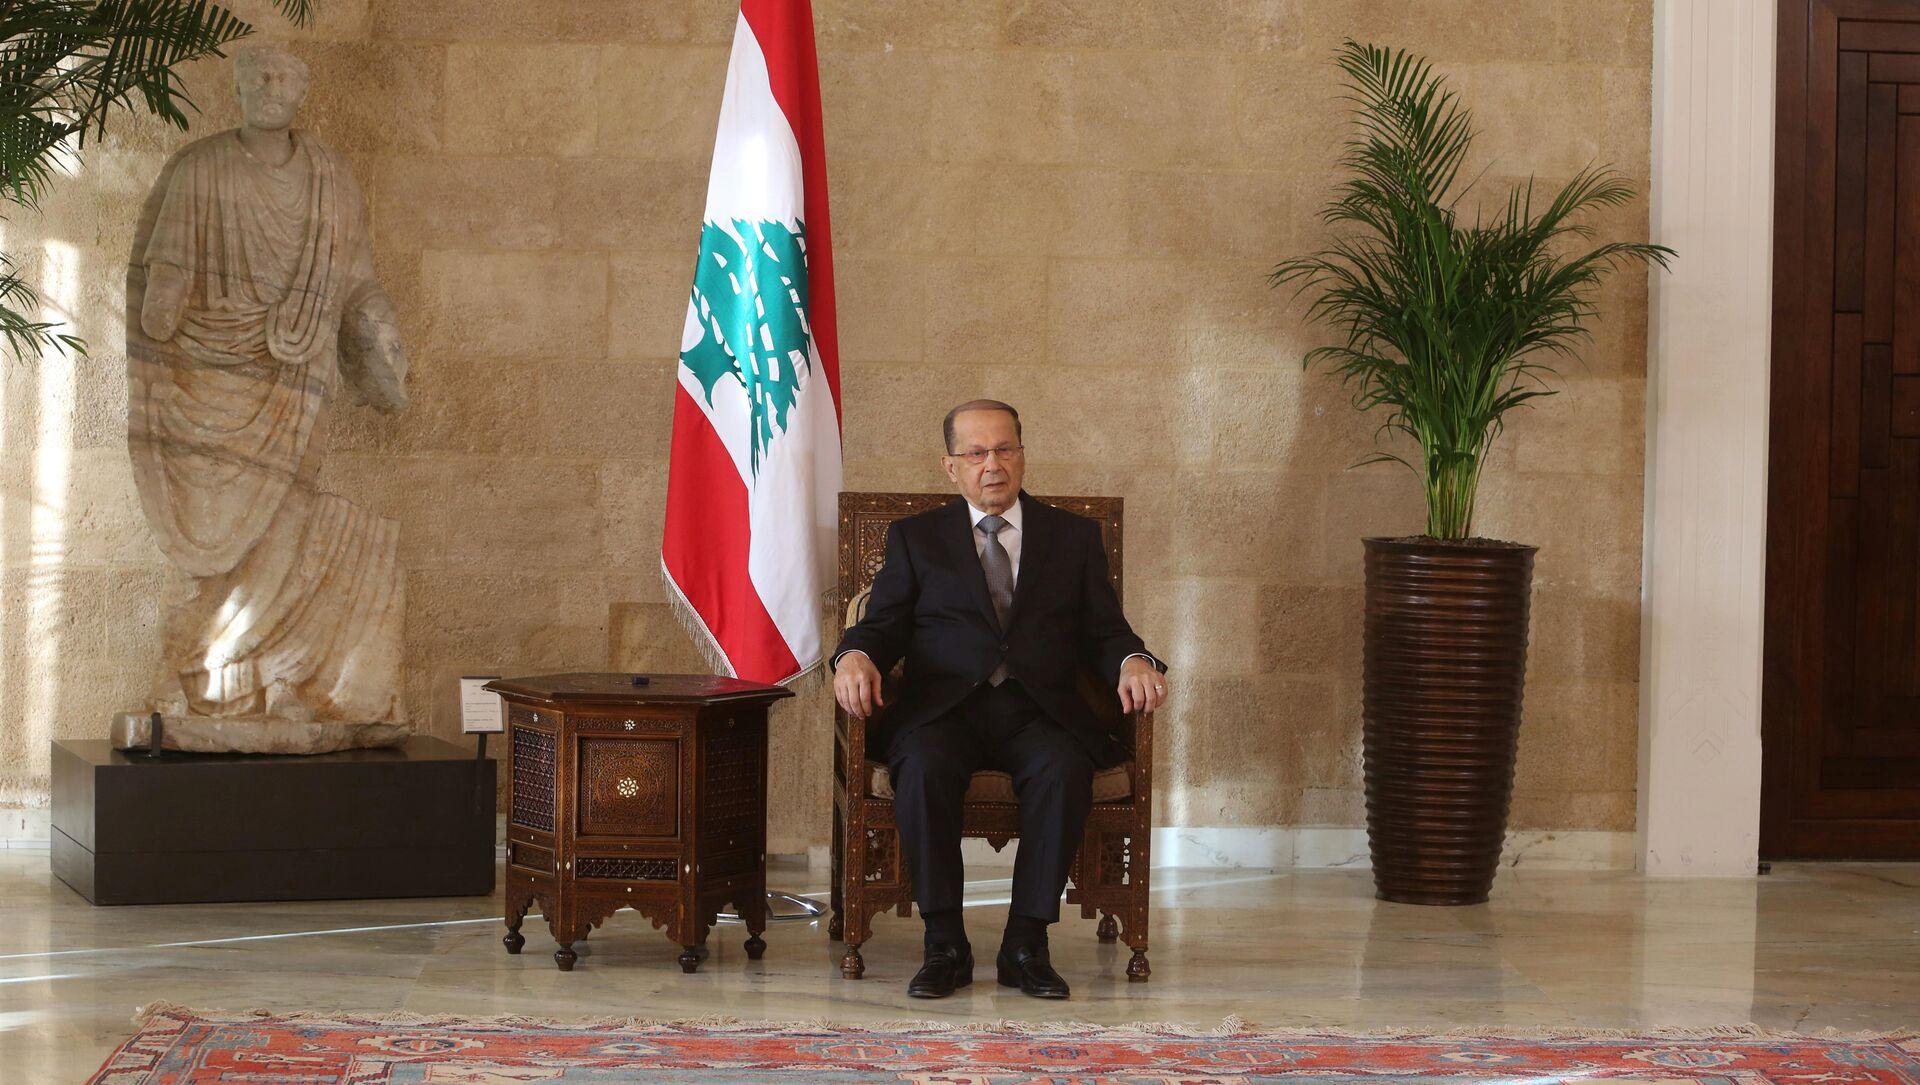 Le président libanais, Michel Aoun - Sputnik France, 1920, 30.07.2021